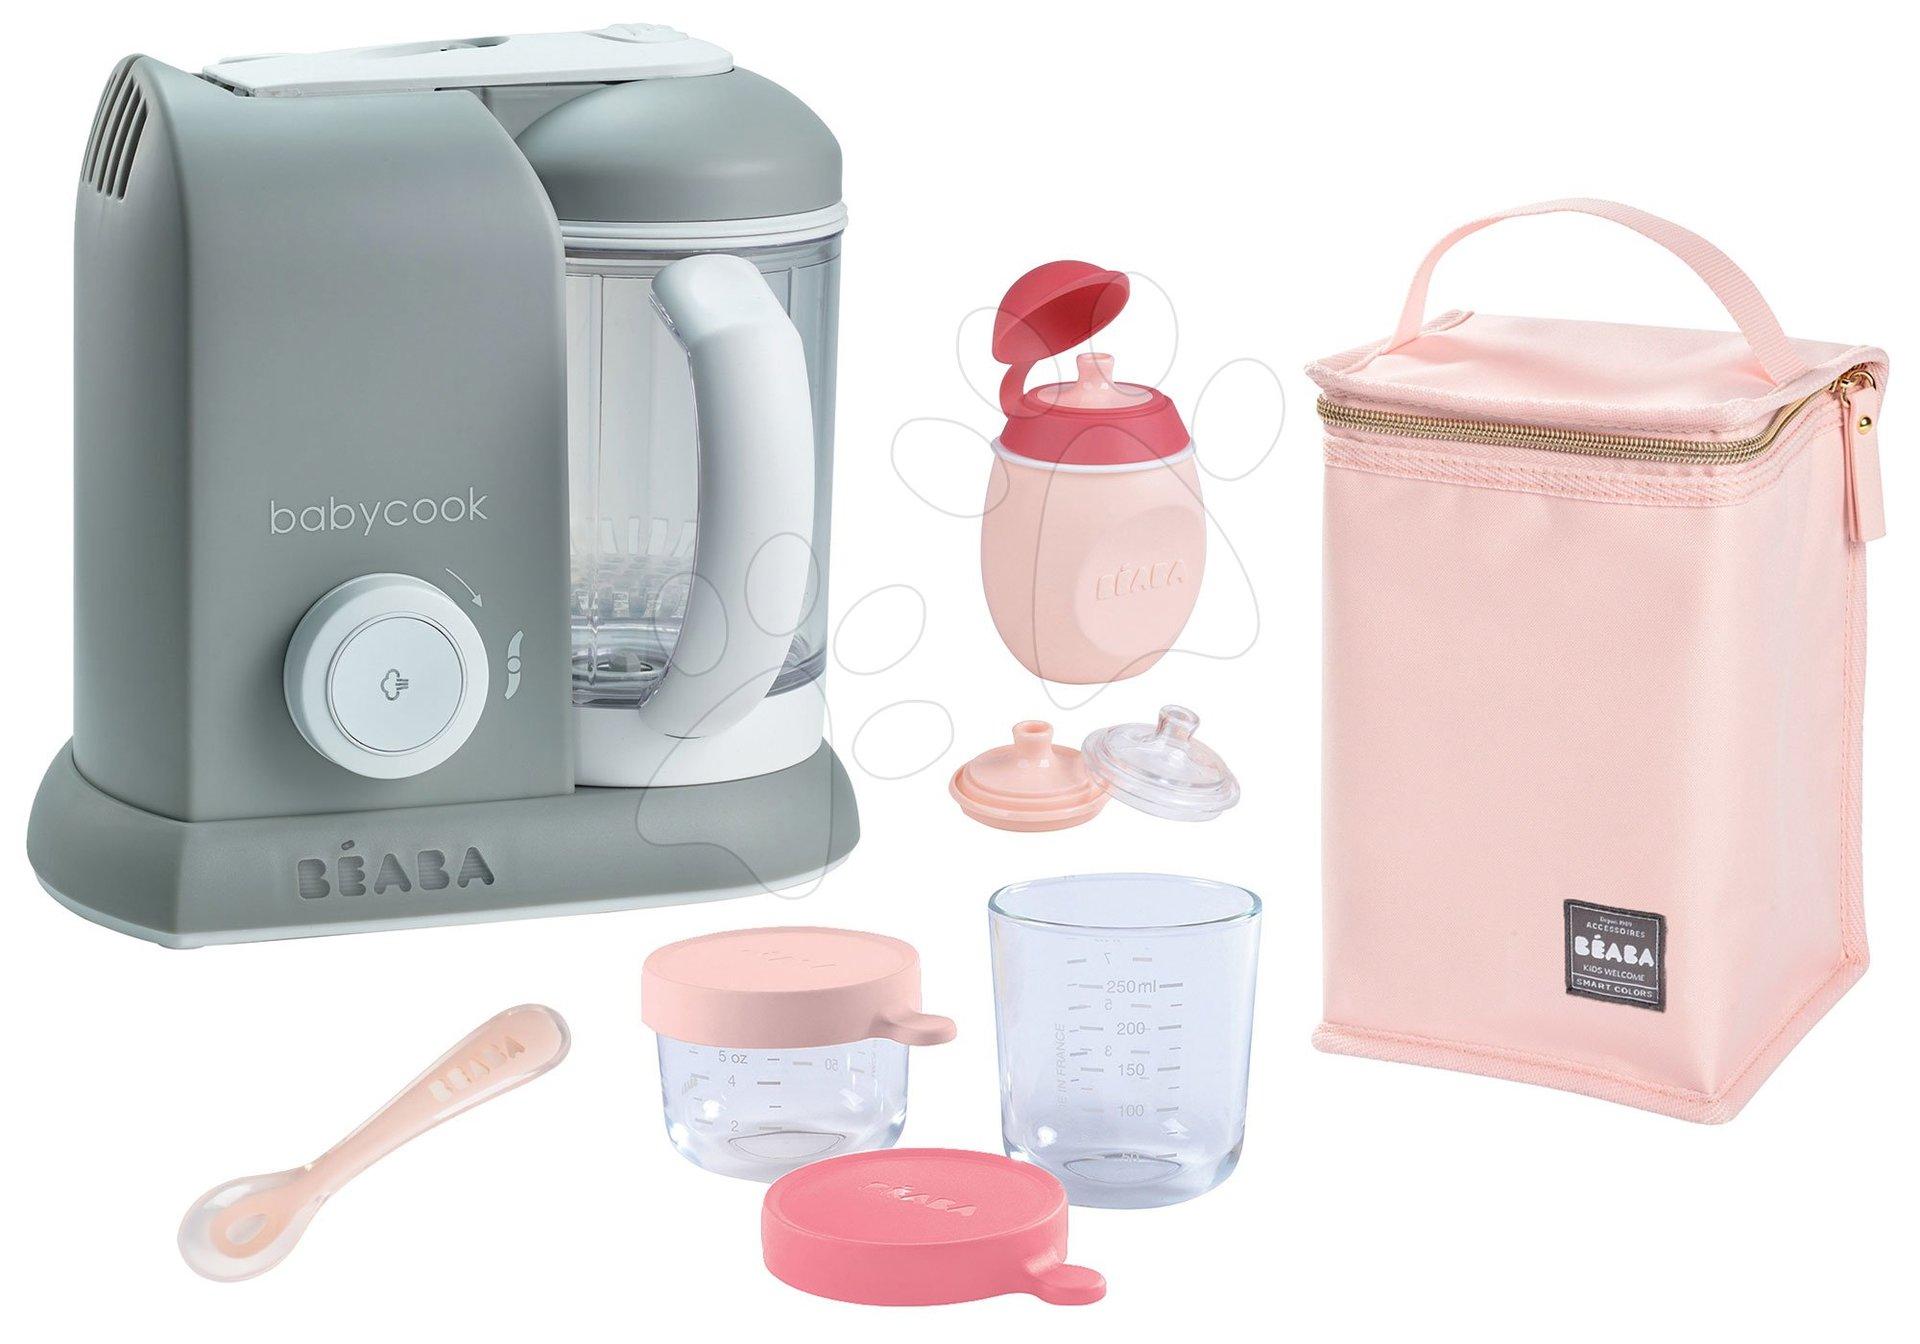 Set parný varič a mixér Beaba Babycook® Solo šedý + darček 2 dózy, fľaštička s uzáverom, lyžička a izotermický obal od 0 mesiacov